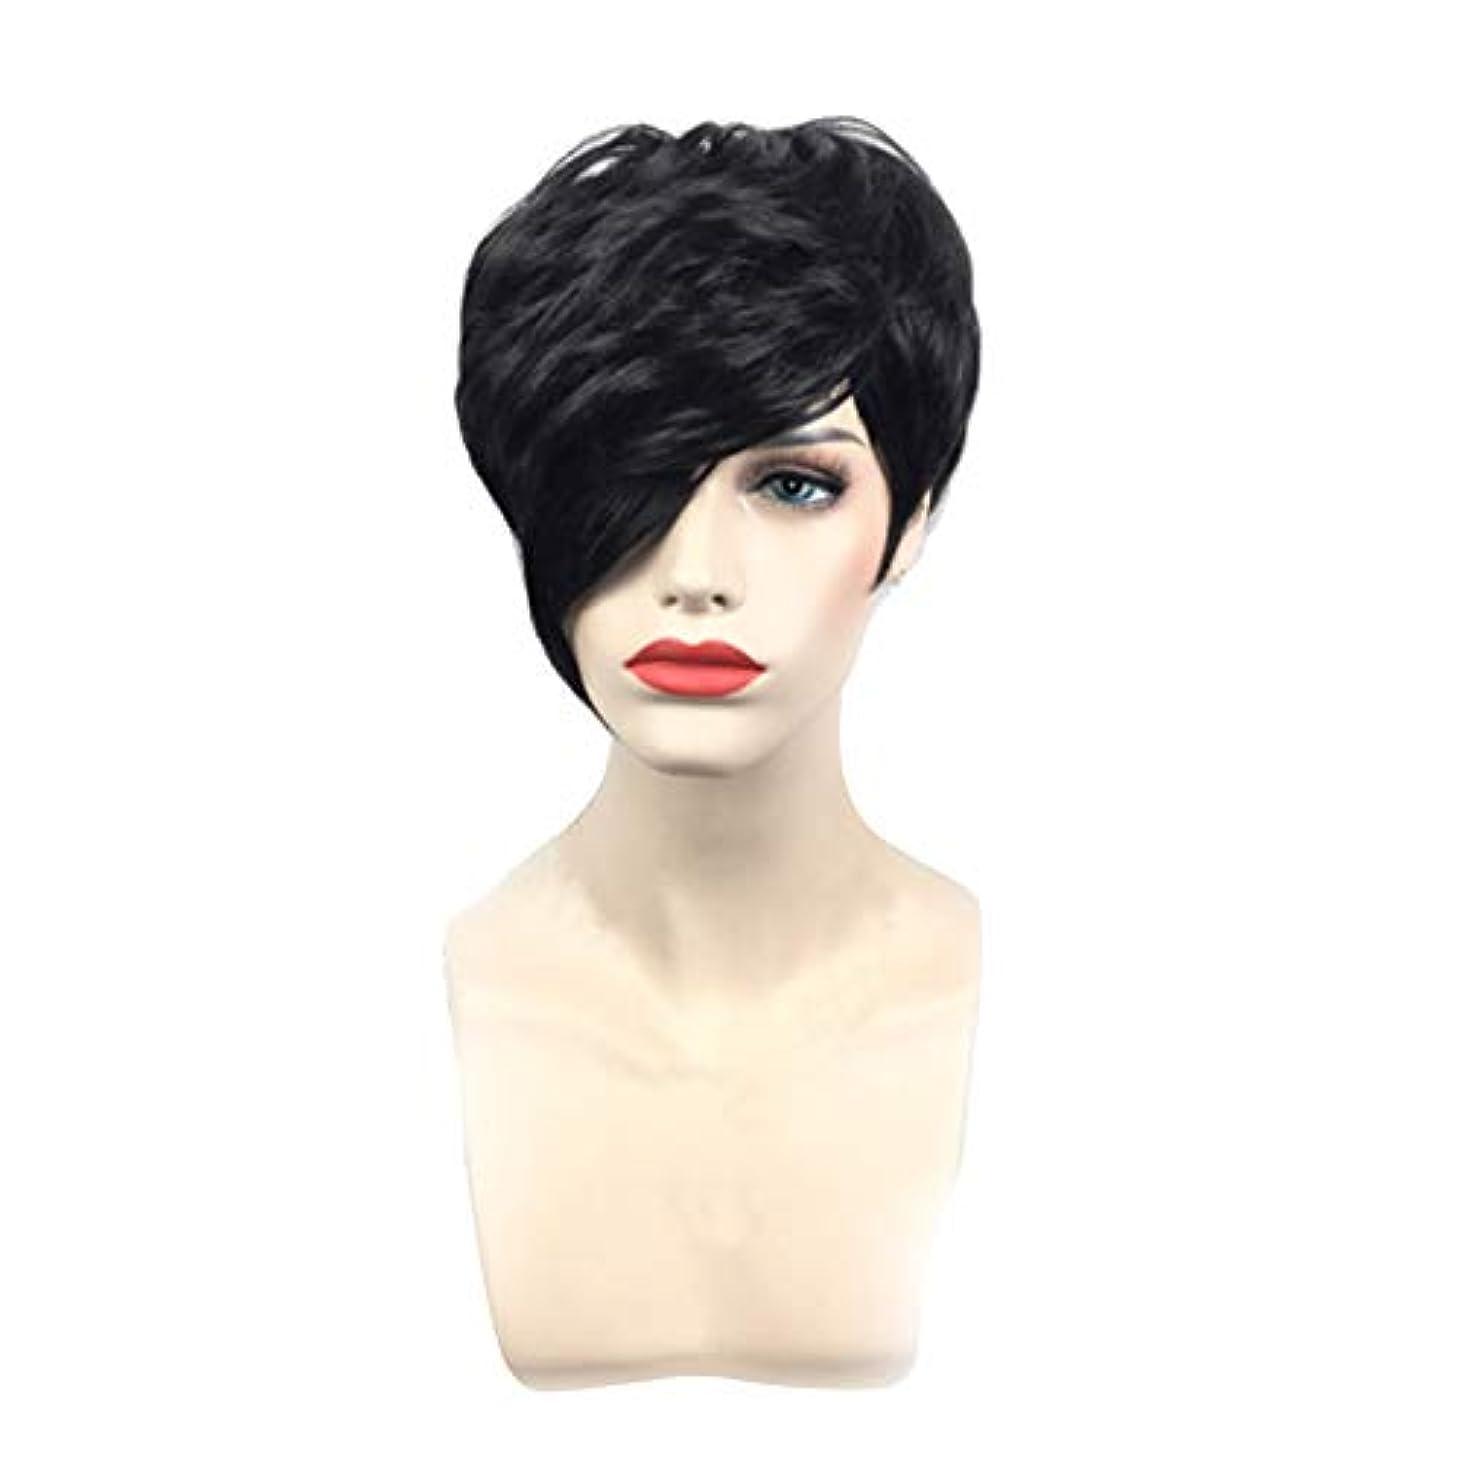 多用途空洞式黒の短いストレートヘアフルウィッグファッションコス小道具かつら